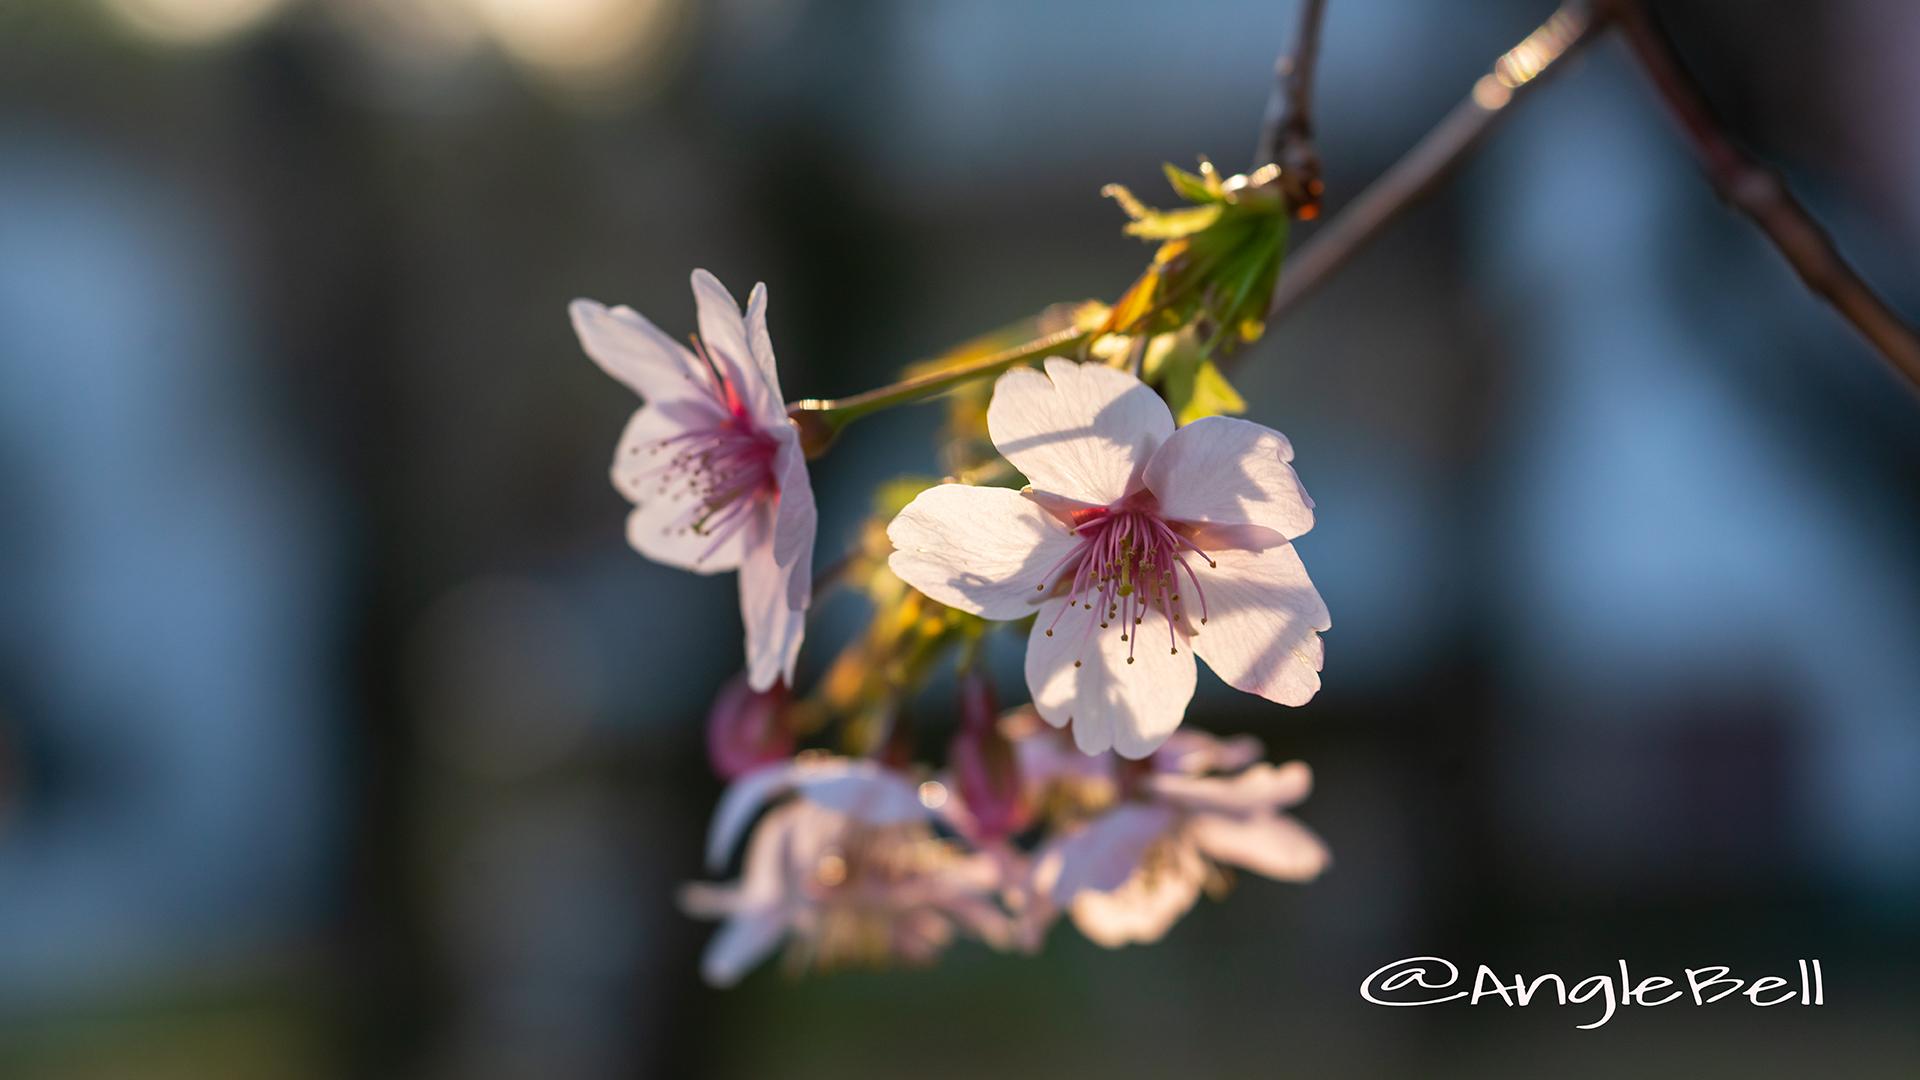 オオカンザクラ 大寒桜 Flower Photo2019_04